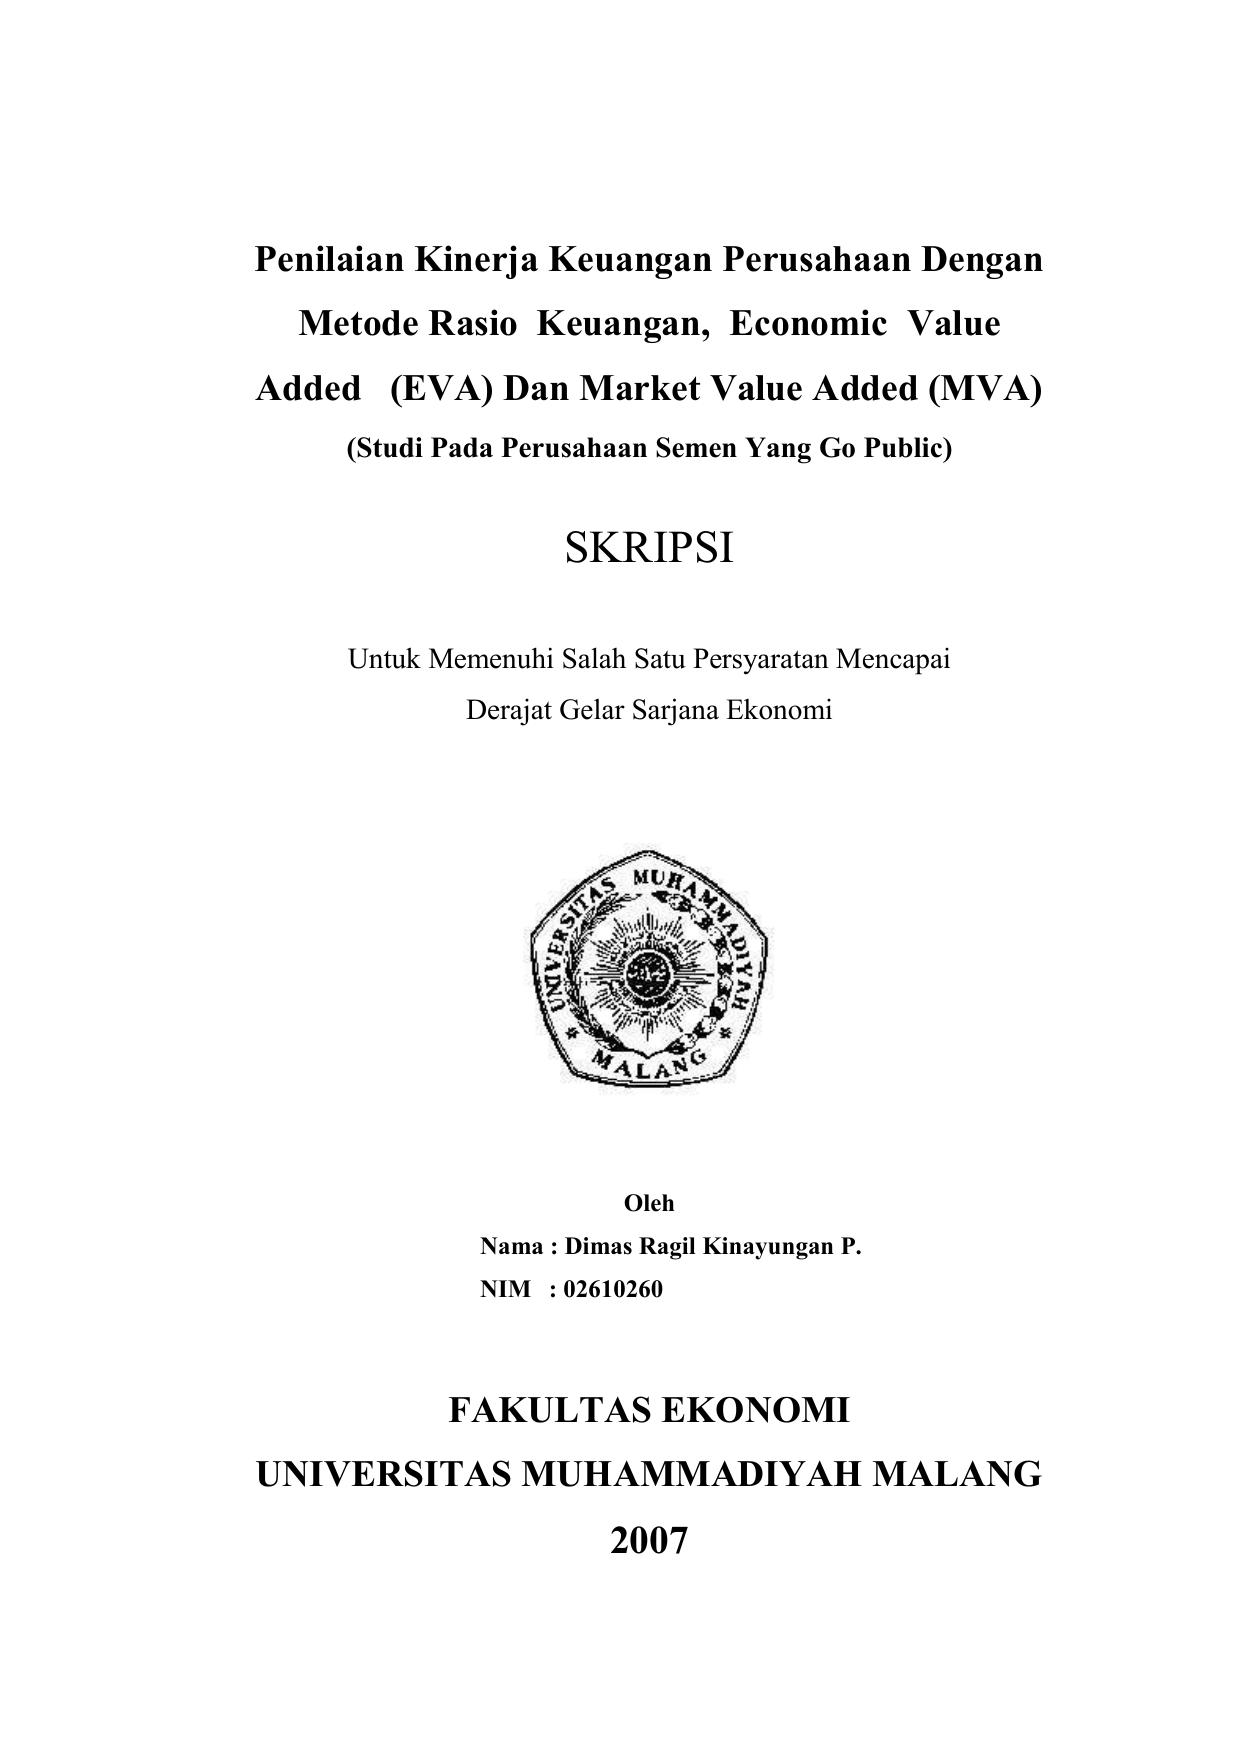 Penilaian Kinerja Keuangan Perusahaan Dengan